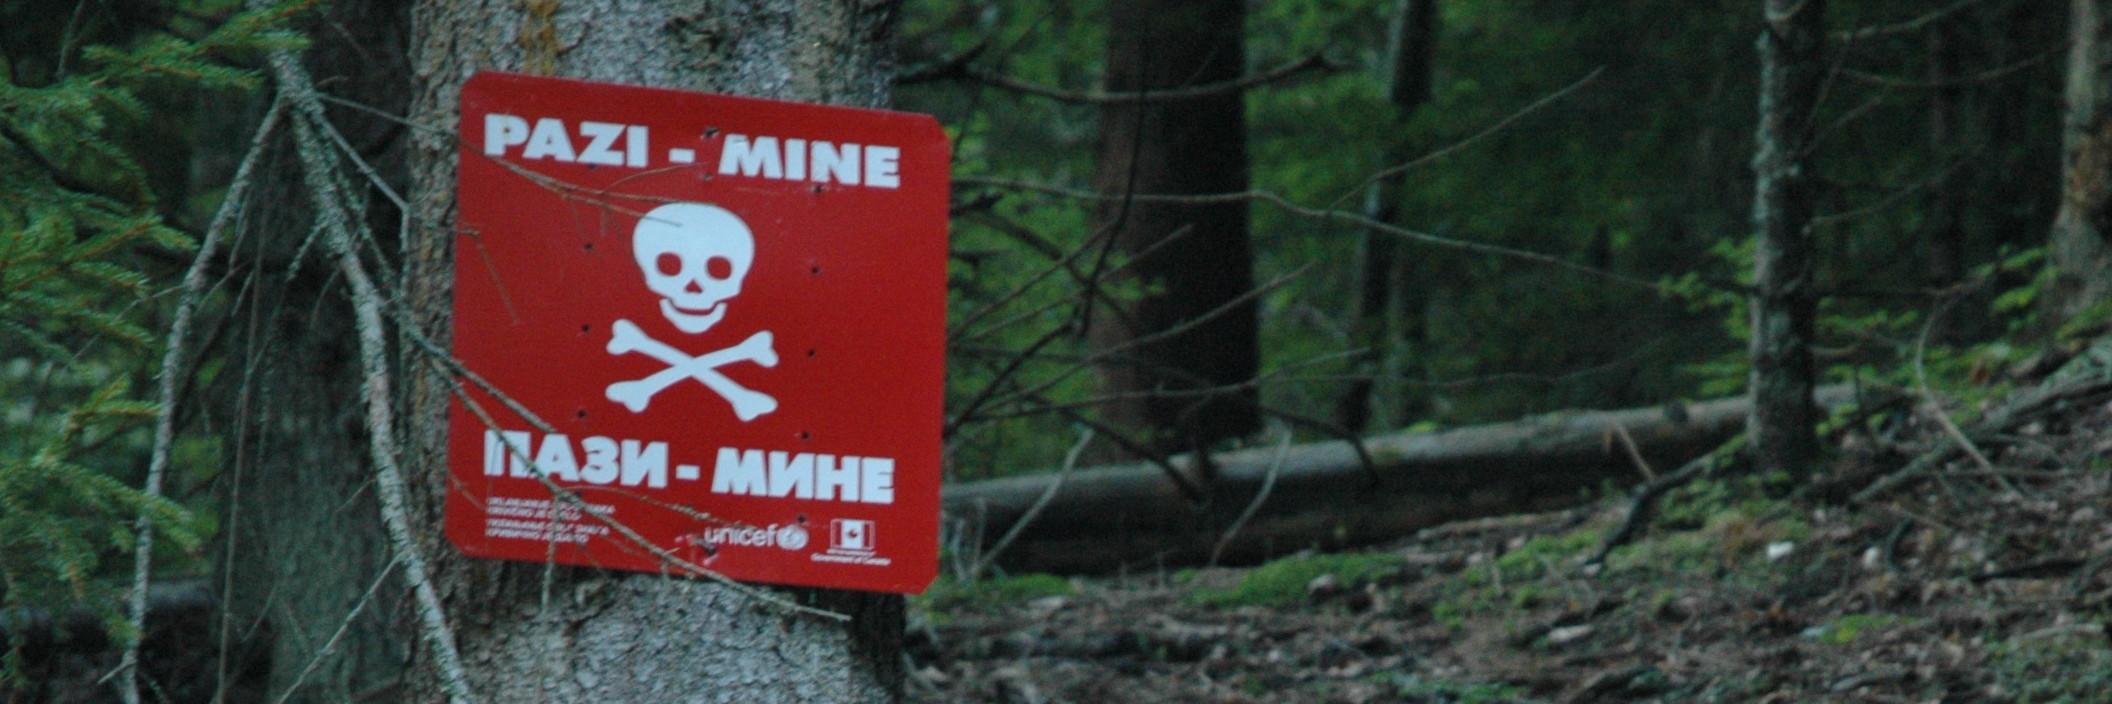 Осторожно, мины! Фото: Jakub Sochacki, CC BY-SA 3.0.